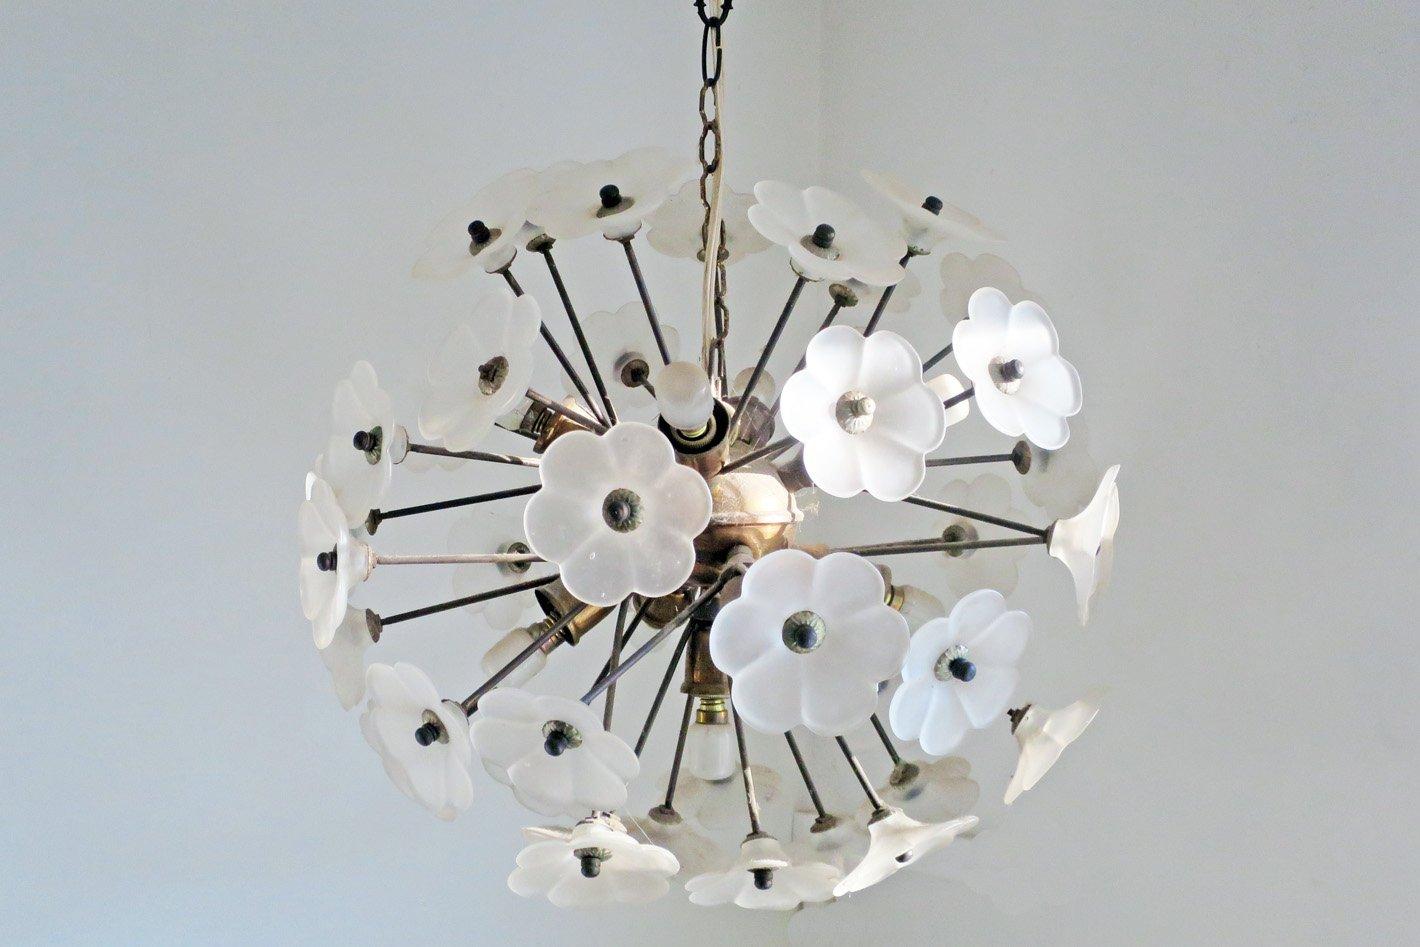 florale vintage h ngelampe aus kupfer glas bei pamono kaufen. Black Bedroom Furniture Sets. Home Design Ideas